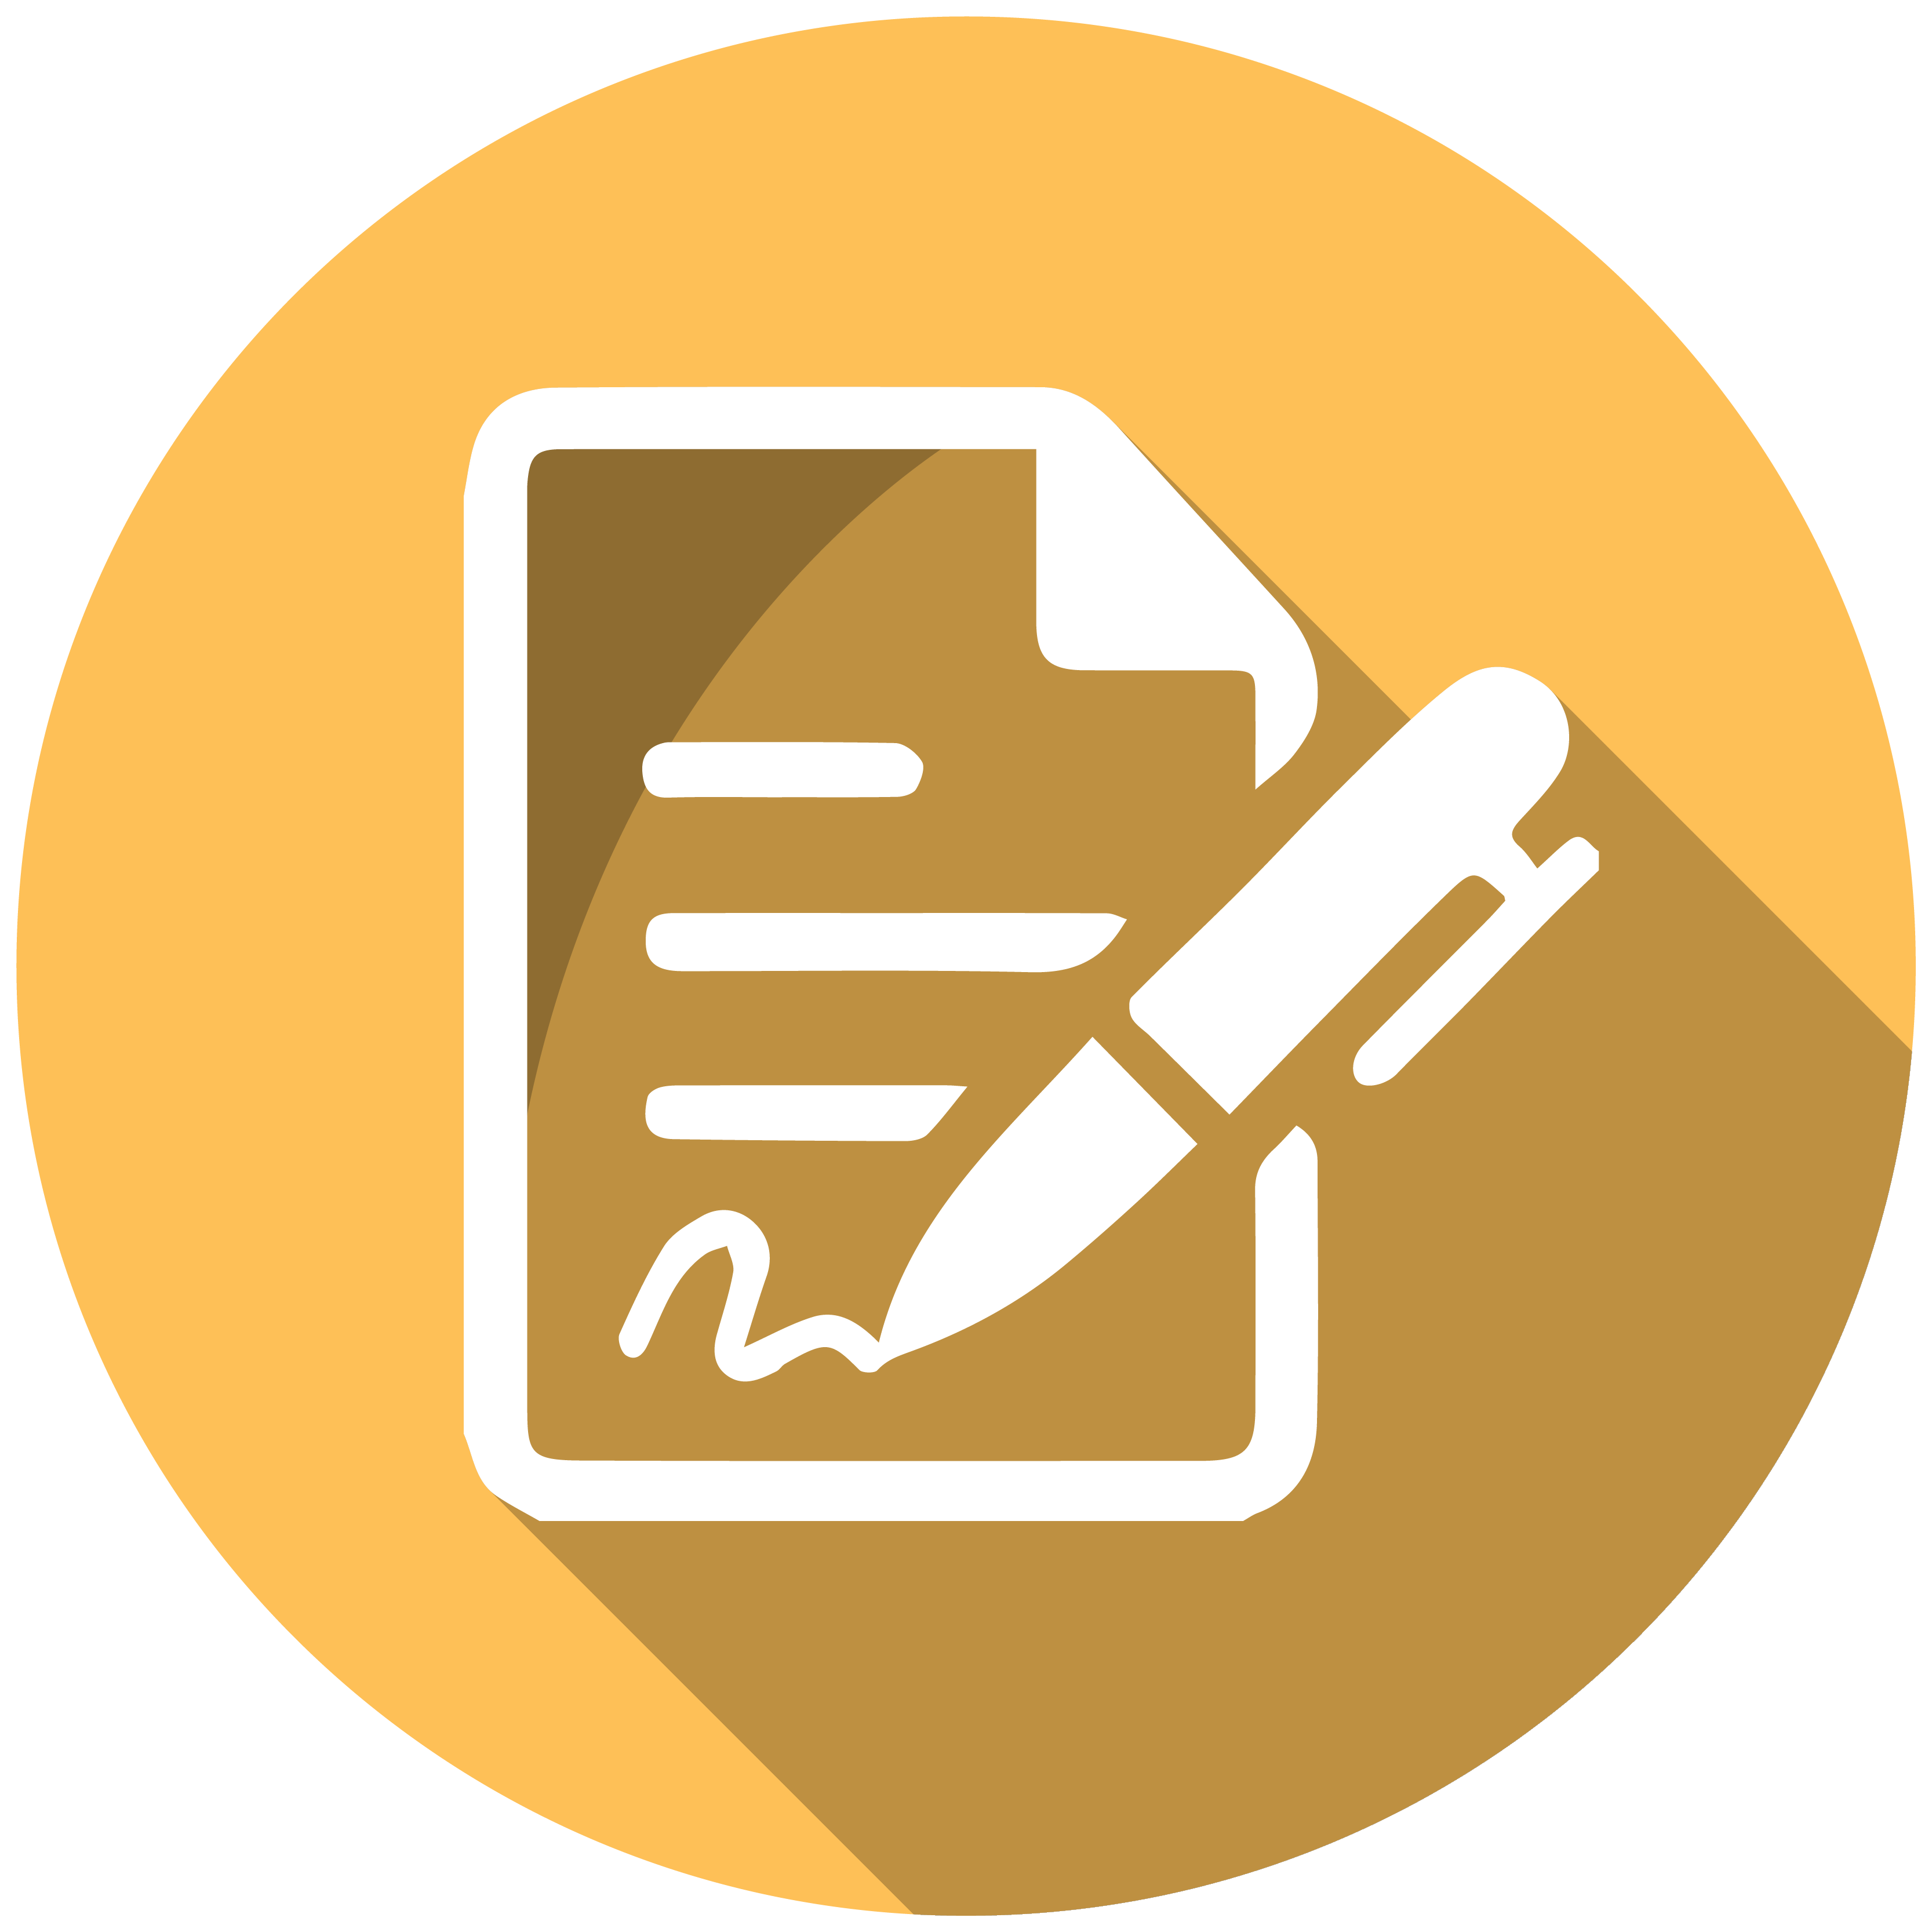 پرسشنامه استاندارد هوش هیجانی شوت و همکاران + نسخه جدید